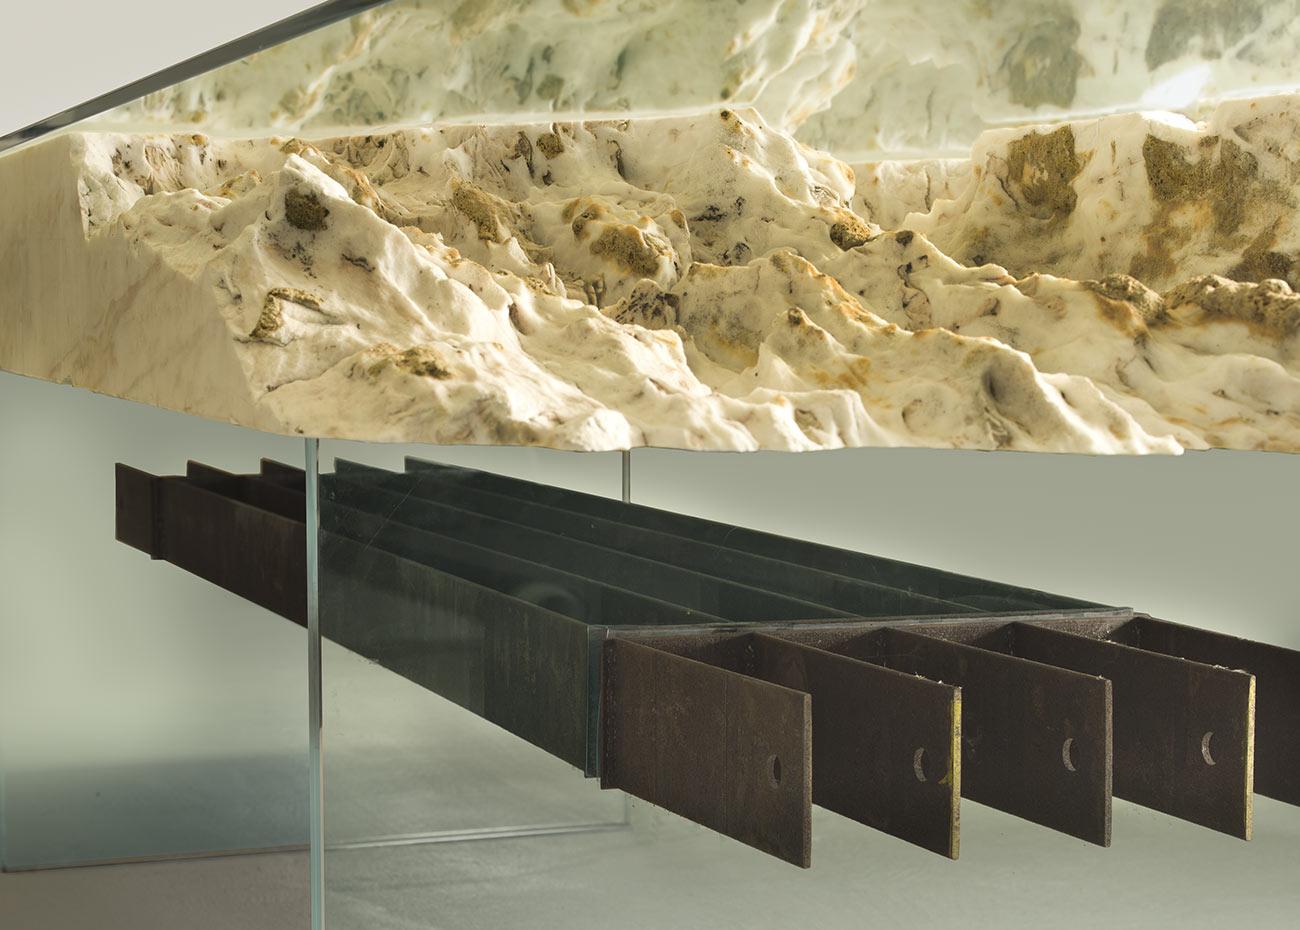 tavolo-natura-design-collection-pezzo-unico-e-irripetibile